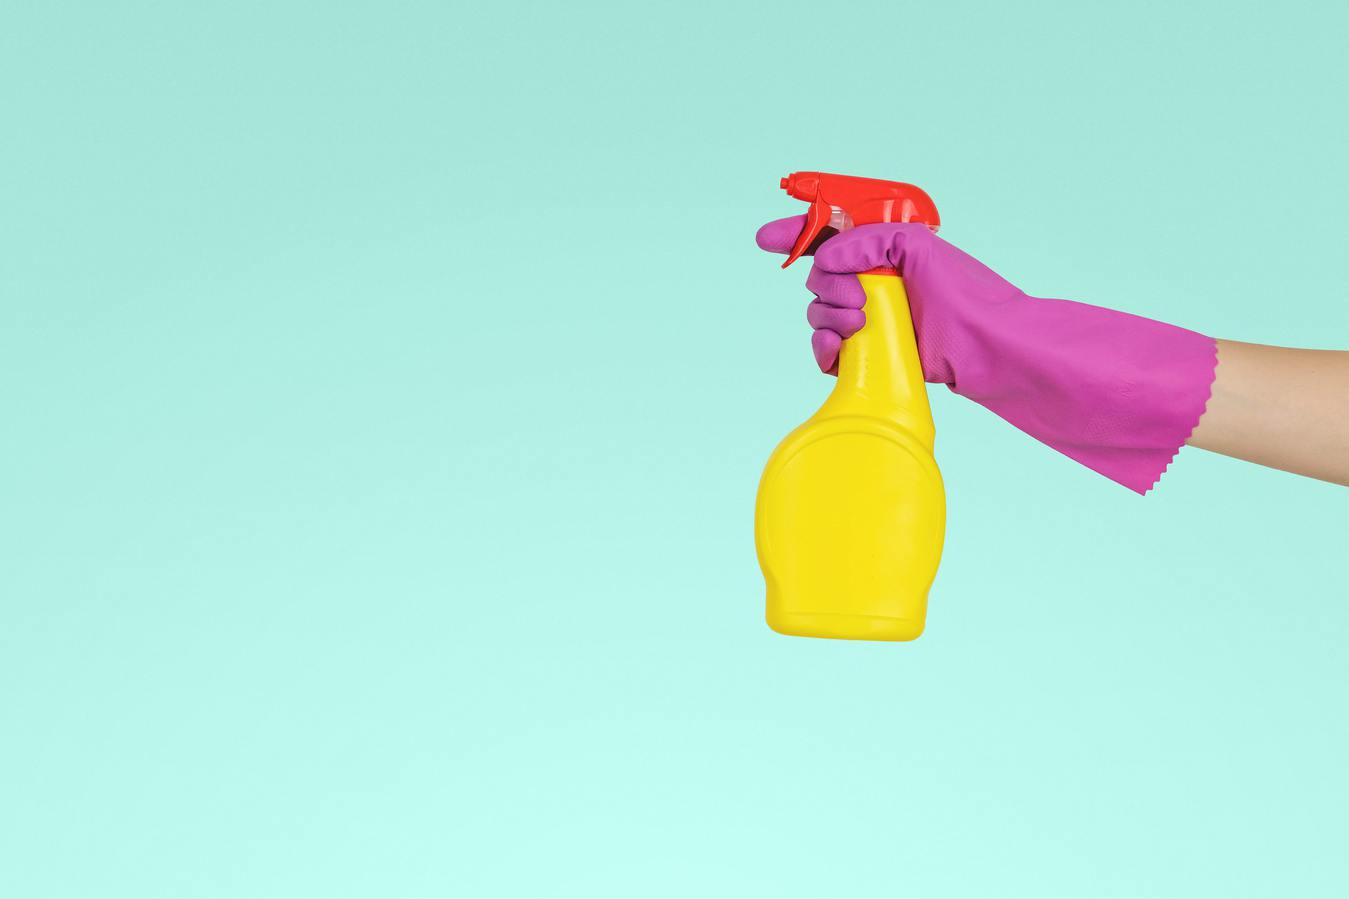 Una persona in possesso di un flacone spray giallo con sfondo blu